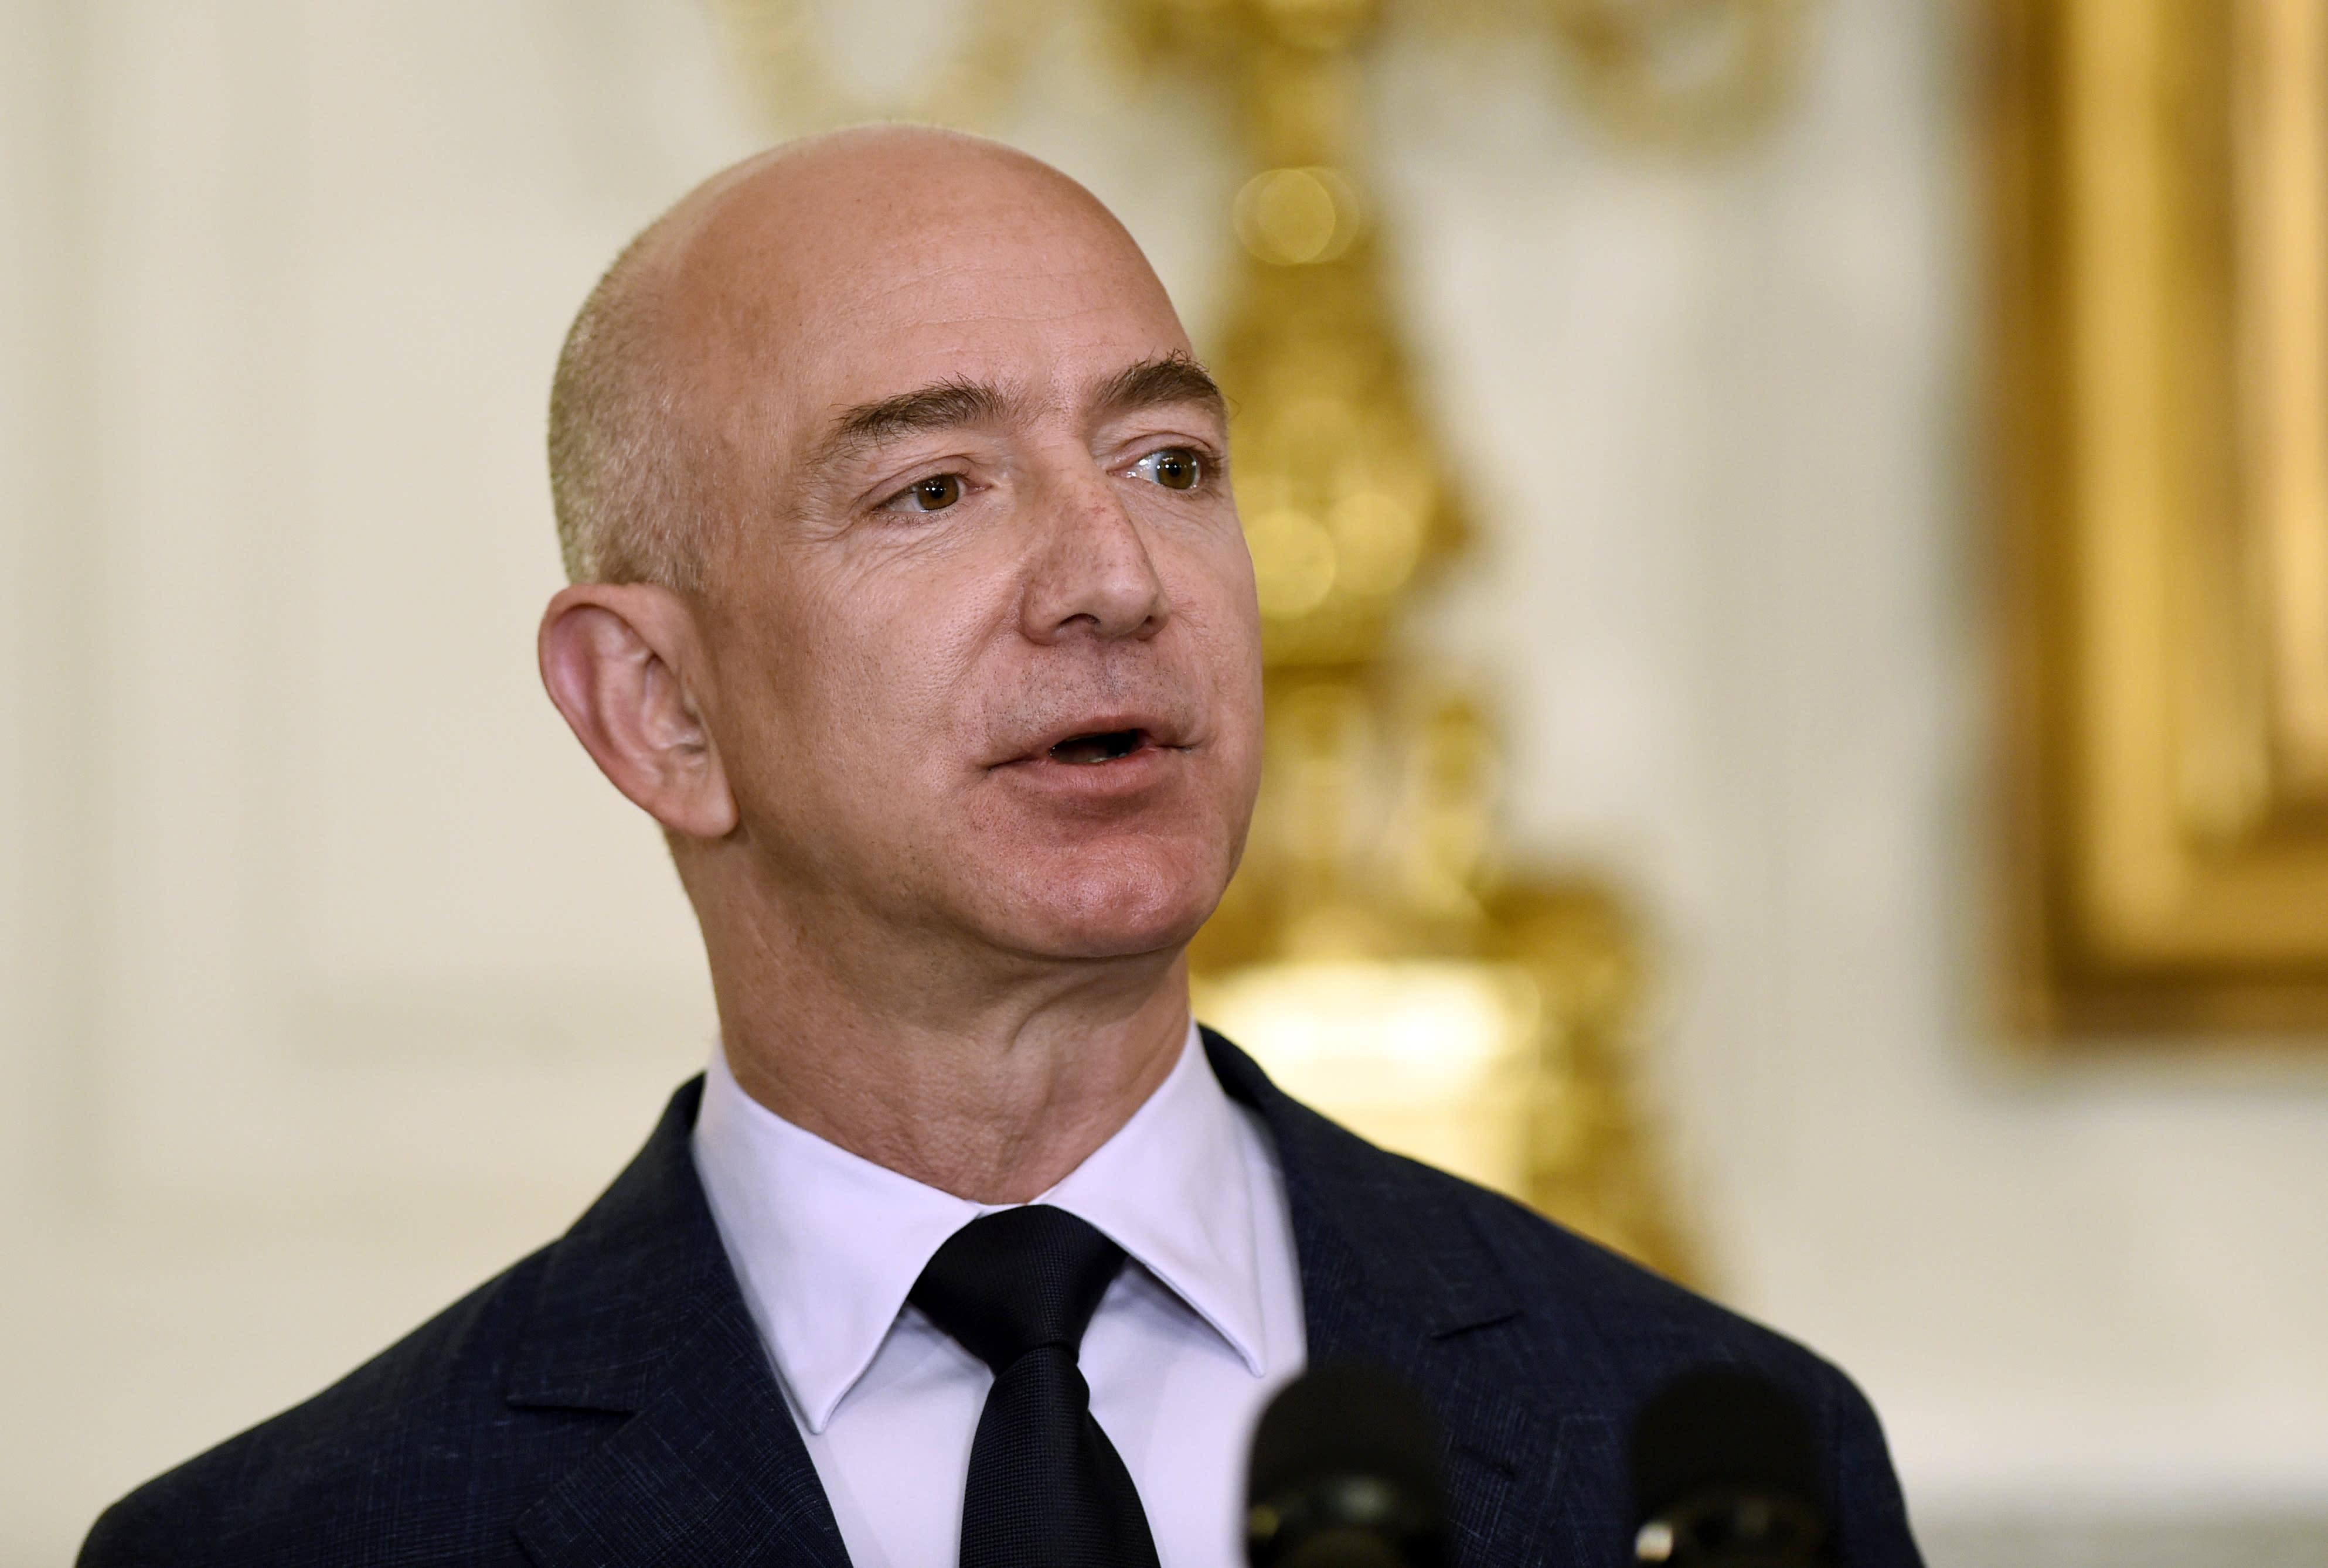 Amazon's Jeff Bezos to start $2 billion charitable fund